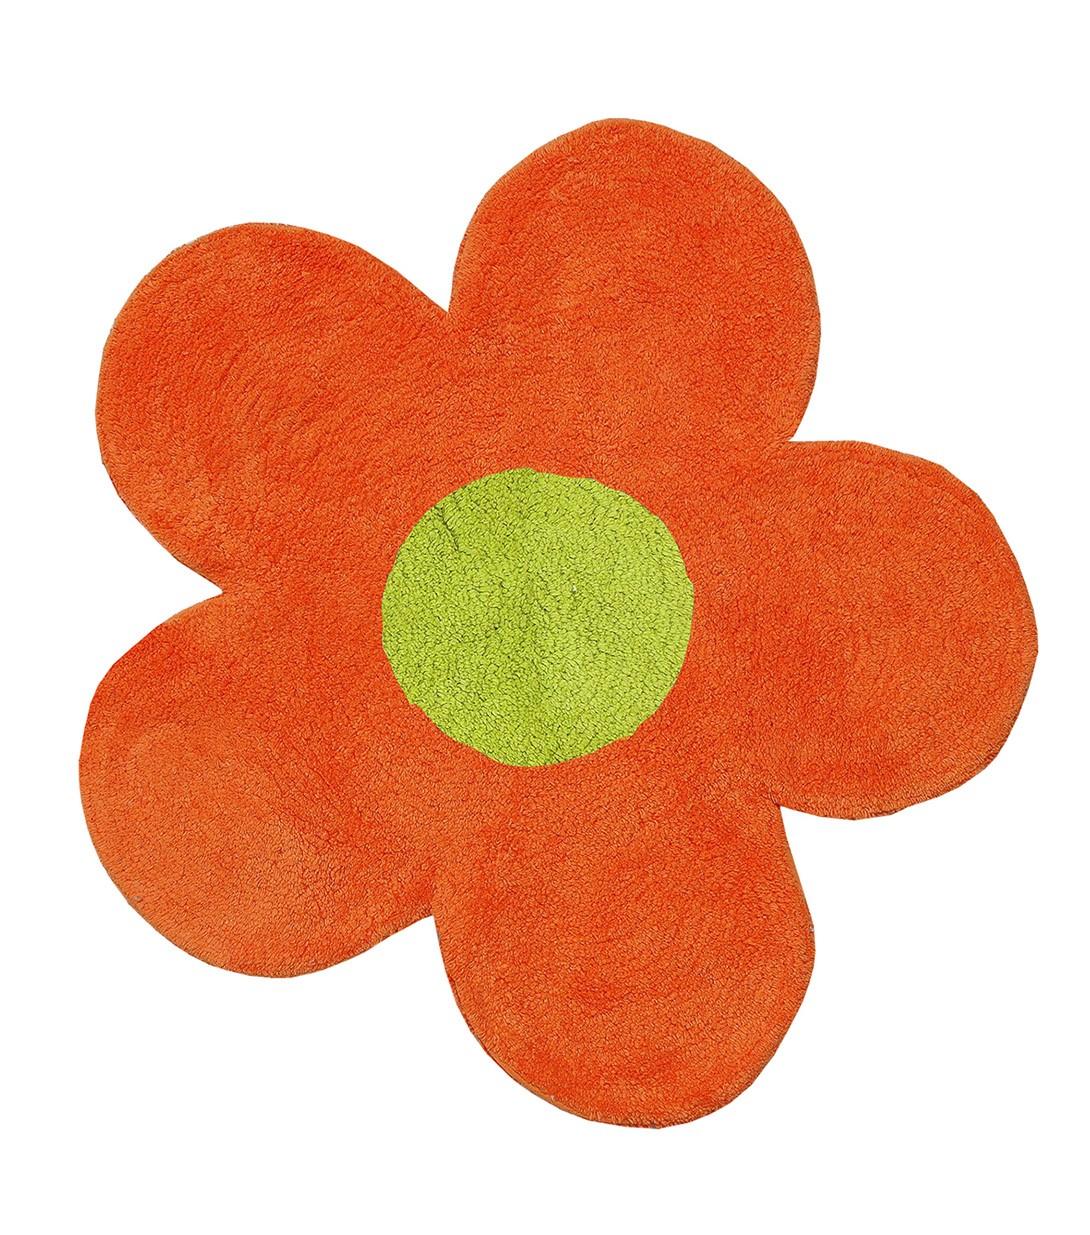 Πατάκι Μπάνιου San Lorentzo DBL Face Daisy Orange/Lime